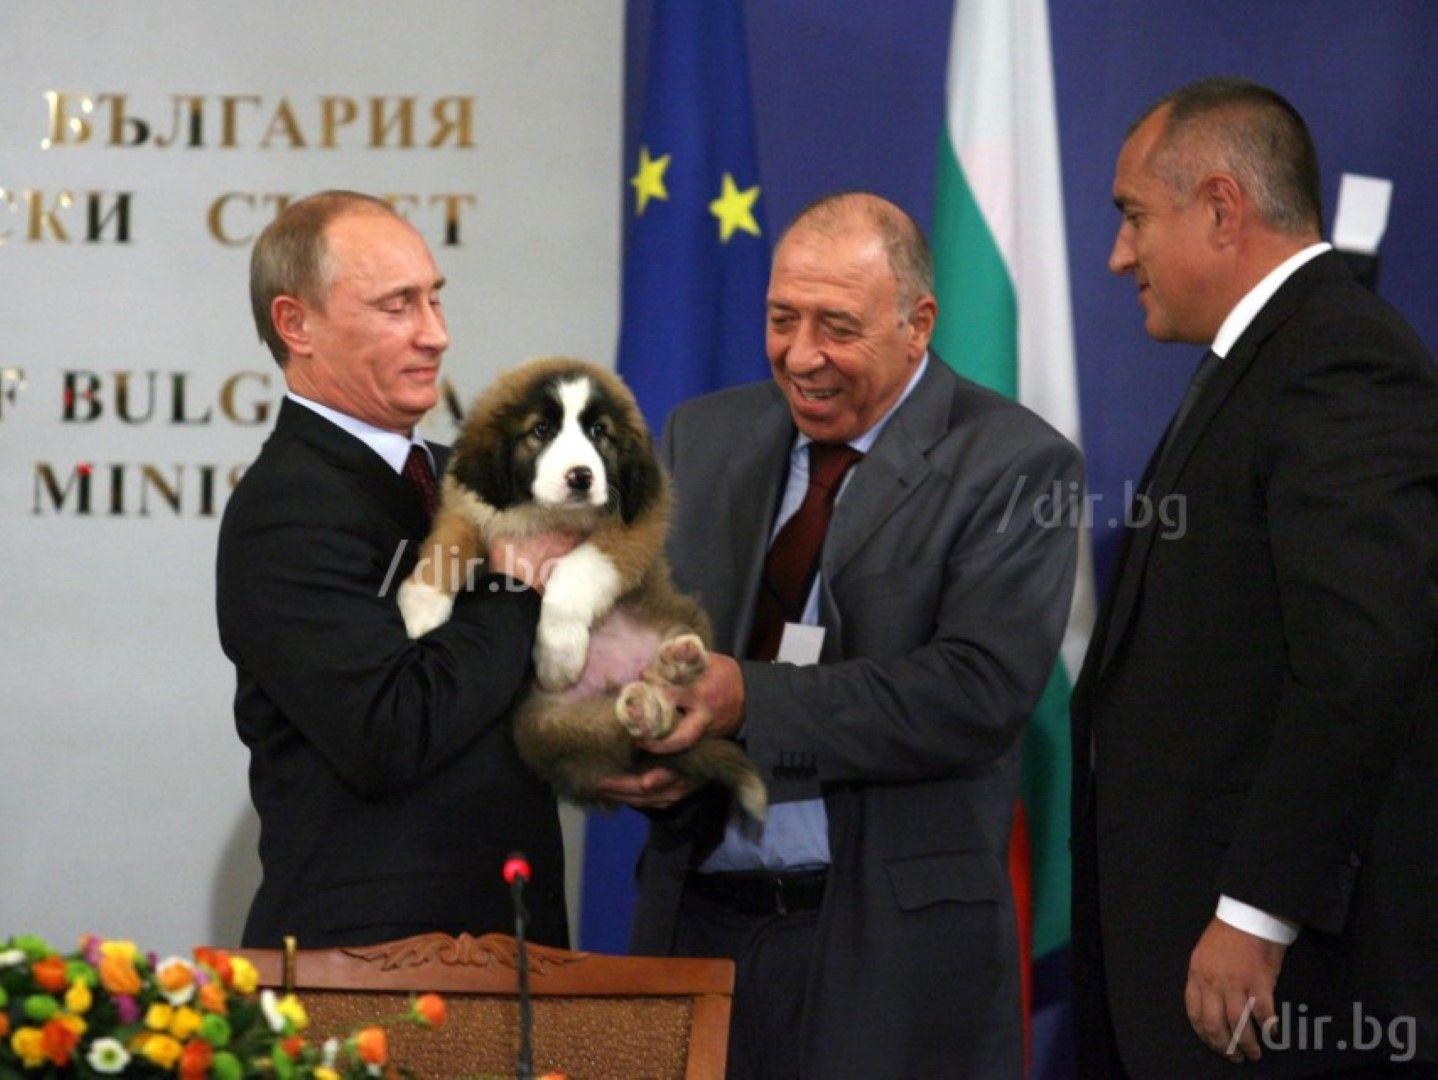 Владимир Путин получава подарък българска овчарка от Бойко Борисов, 13 ноември 2010 г.